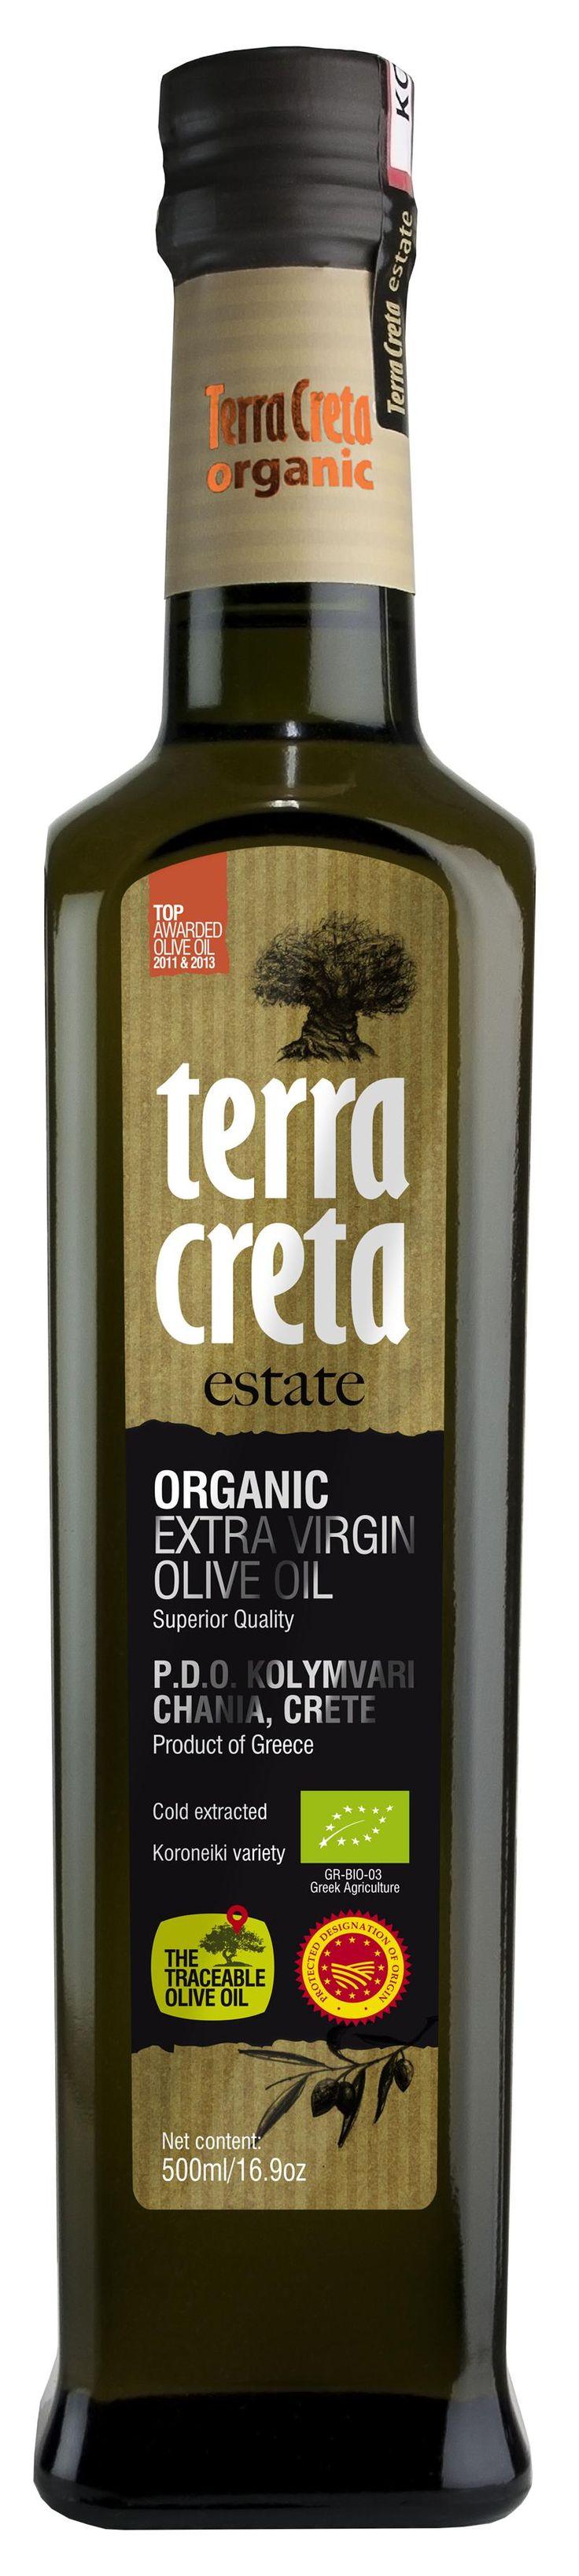 Terra Creta - Estate Luomu Extra-neitsytoliiviöljy 500ml.  Pehmeä extra-neitsytoliiviöljy, jonka hedelmäinen maku sisältää houkuttelevia lämpimän voin aromeja  Kaikki orgaaninen viljely-ja tuotantoprosessissa saatava tai erottuva aine kierrätetään takaisin luontoon. Oliivinlehdet annetaan lähikylien lampaiden rehuksi; oliivien pesuvesi palautetaan tarhoihin kasteluvedeksi ja oliivinkivet käytetään polttoaineena, jolla lämmitetään tuotantolaitoksen käyttövesi.